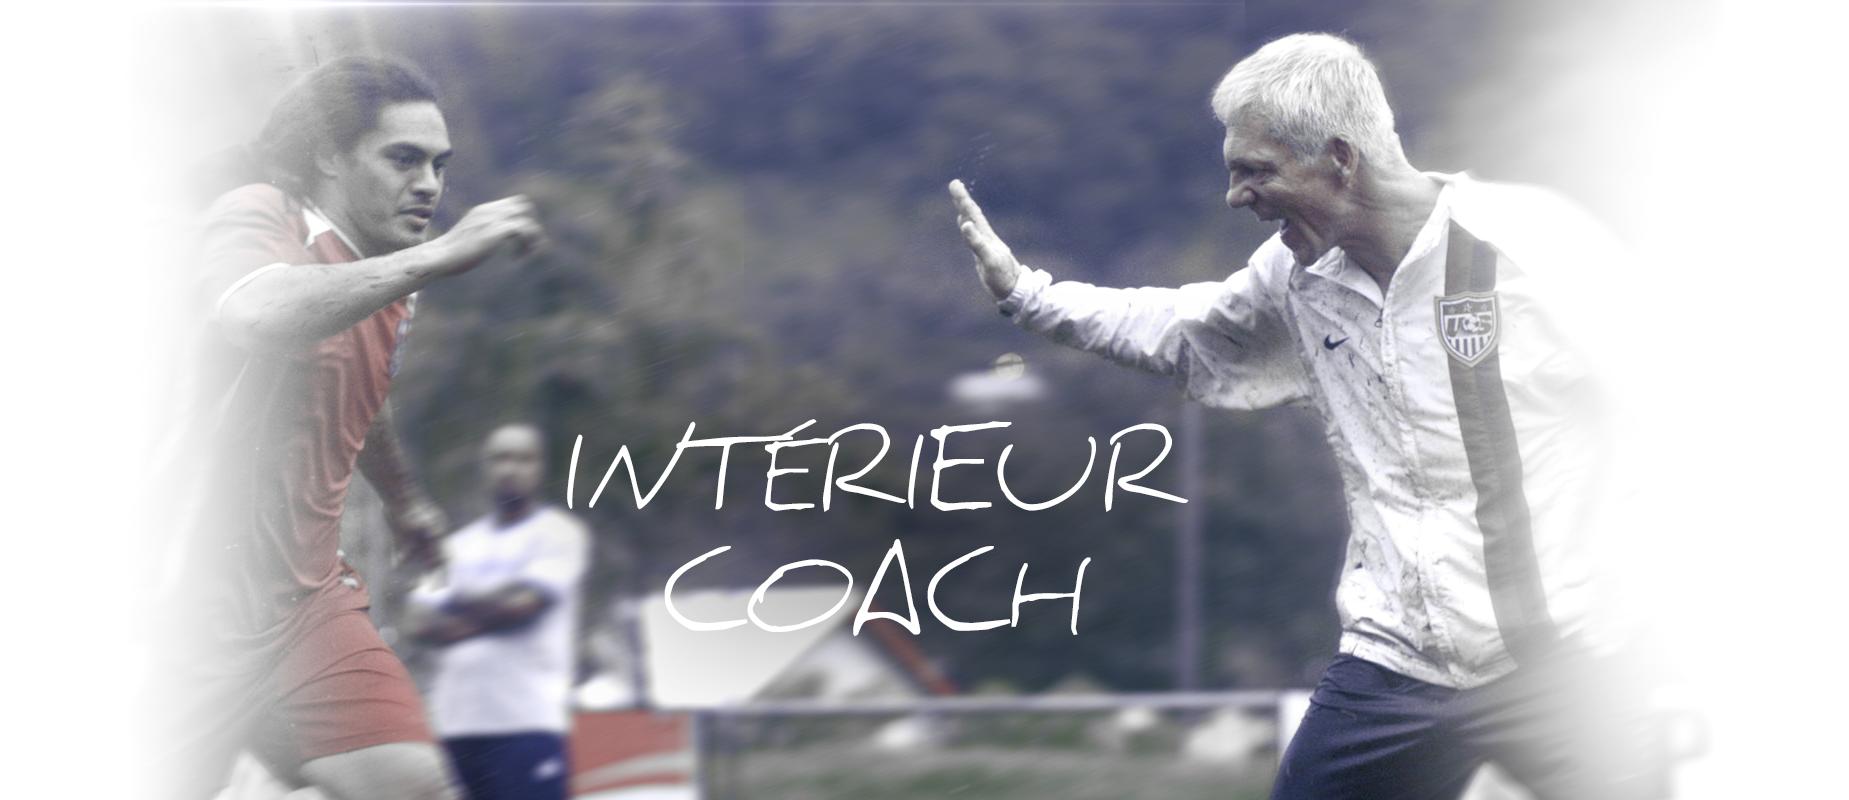 Intérieur coach : Épisode 2 avec Romain